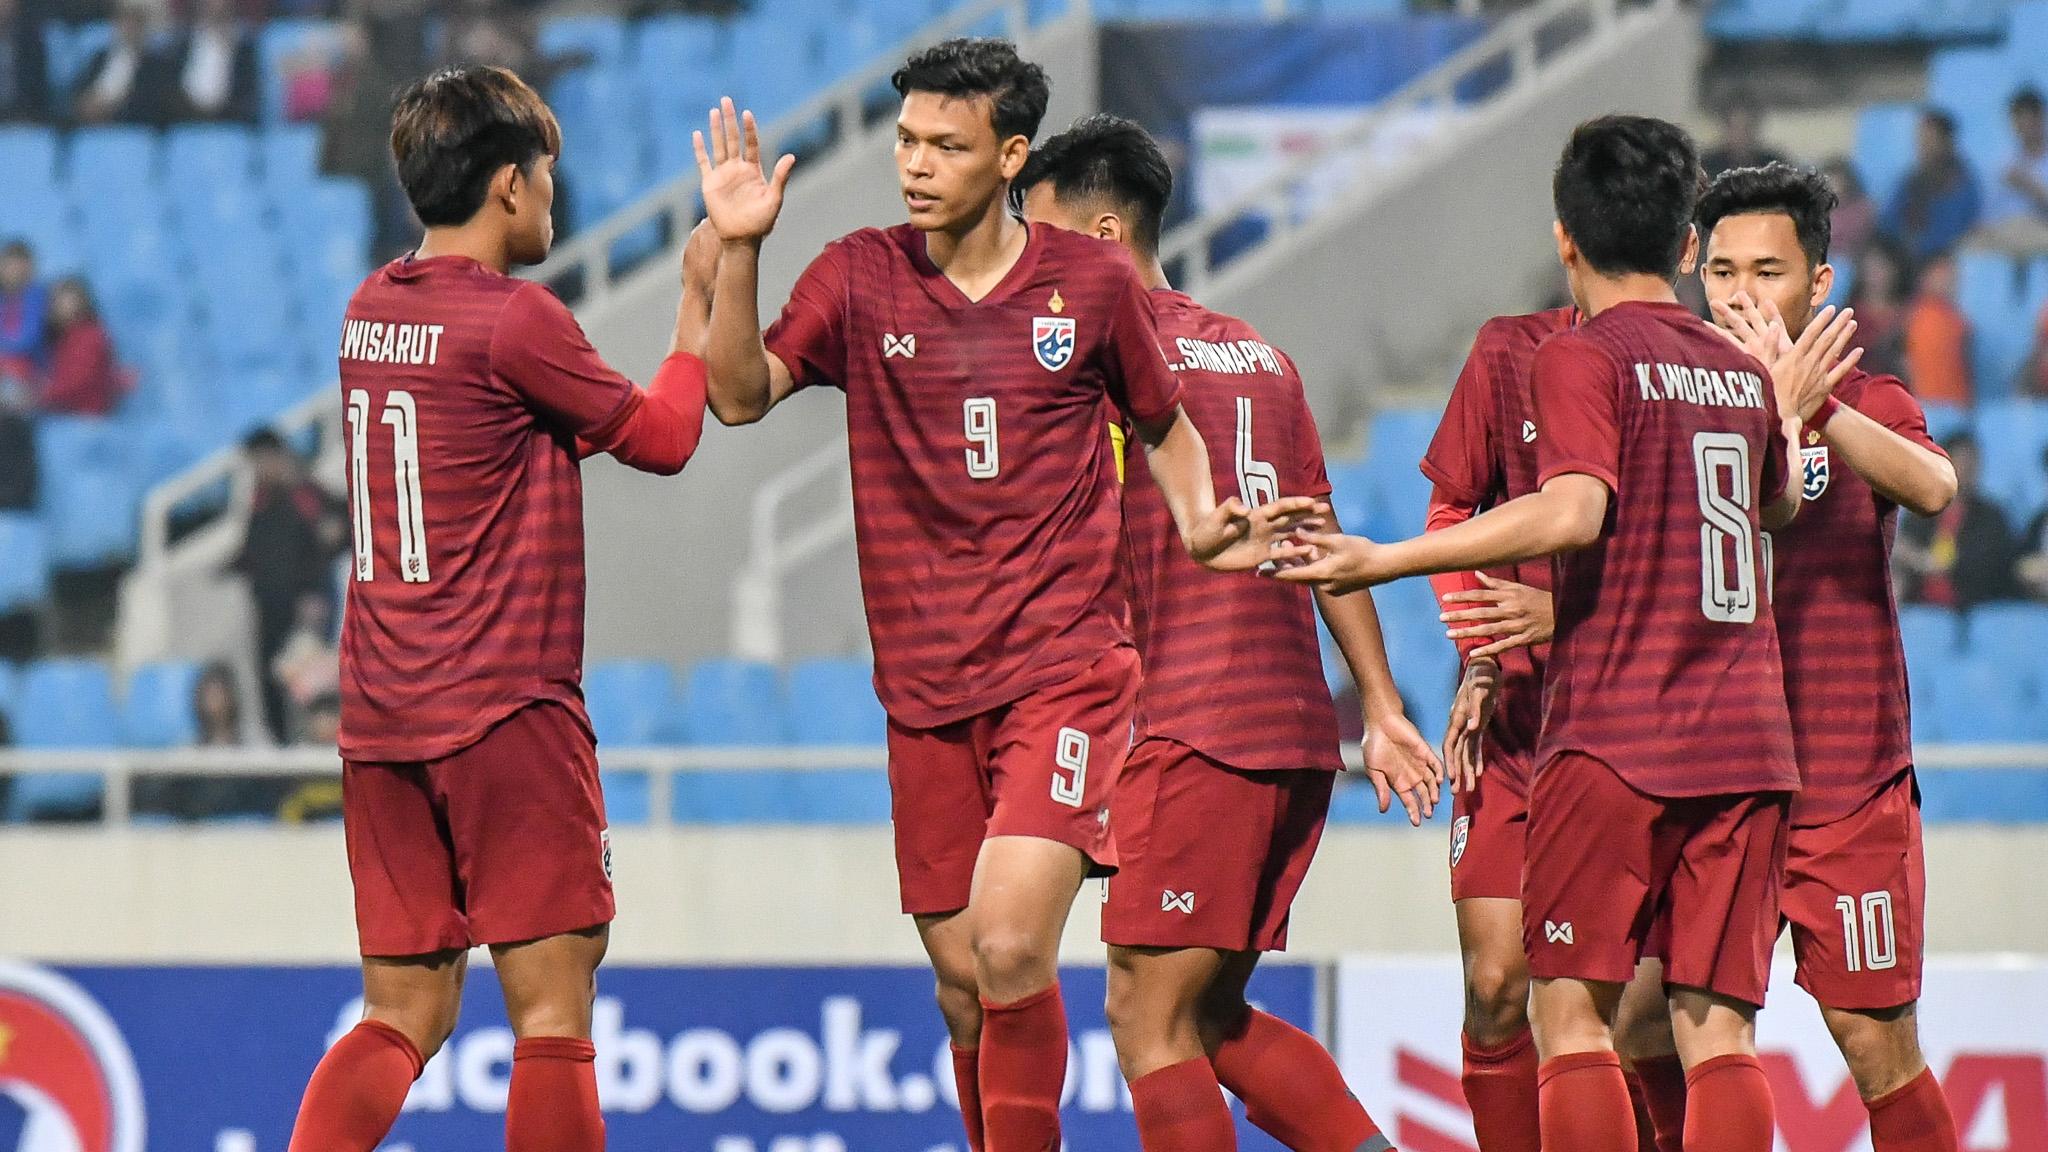 ชิงแชมป์เอเชีย รุ่นอายุไม่เกิน 16 ปี ทีมชาติบรูไน U23 ทีมชาติไทย U23